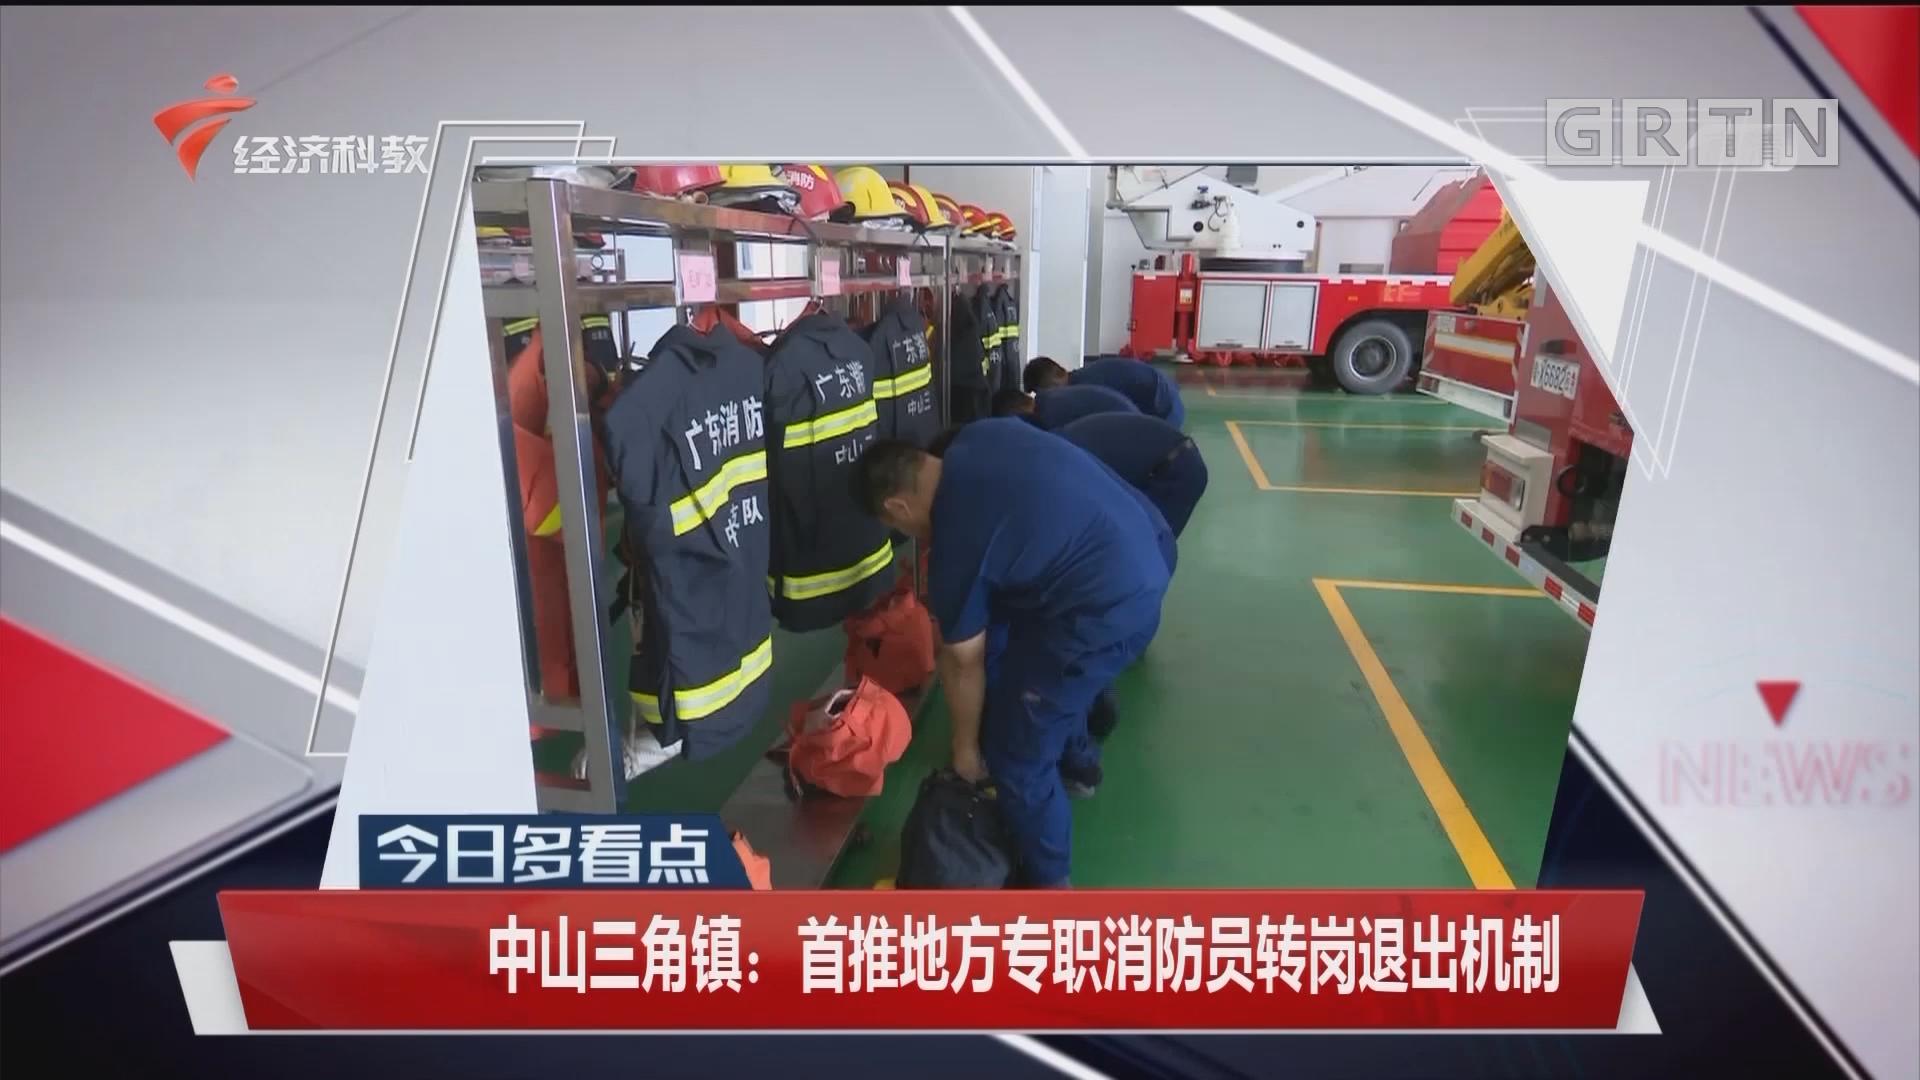 中山三角镇:首推地方专职消防员转岗退出机制